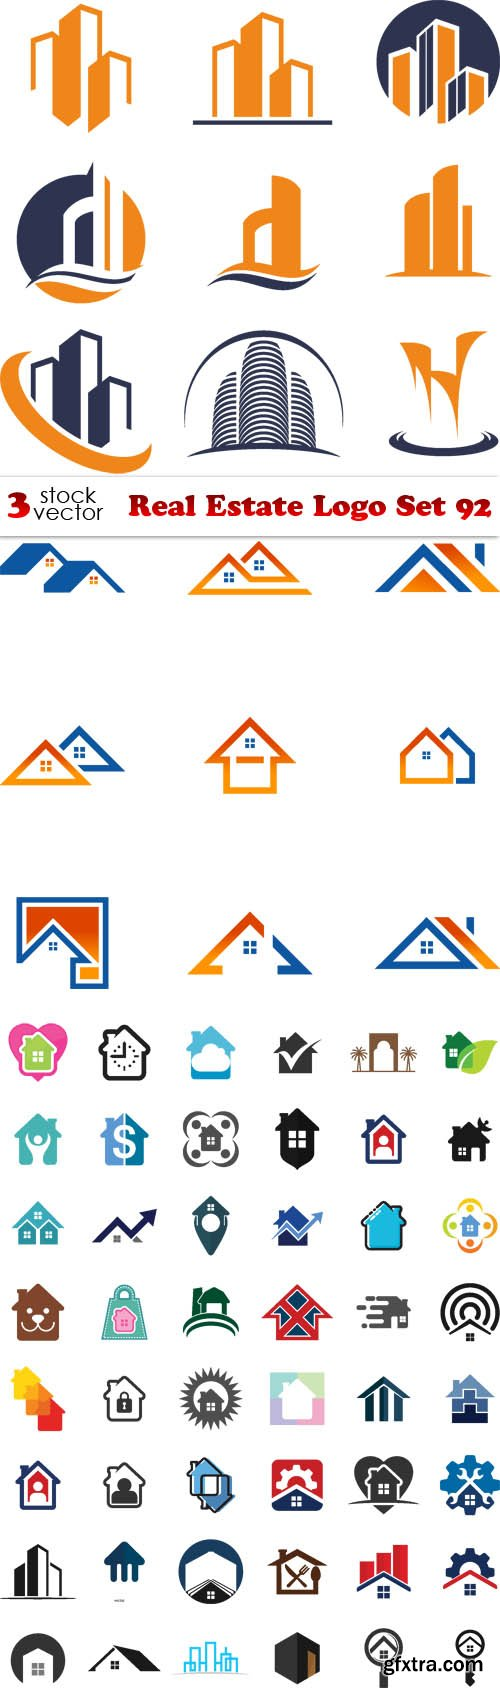 Vectors - Real Estate Logo Set 92